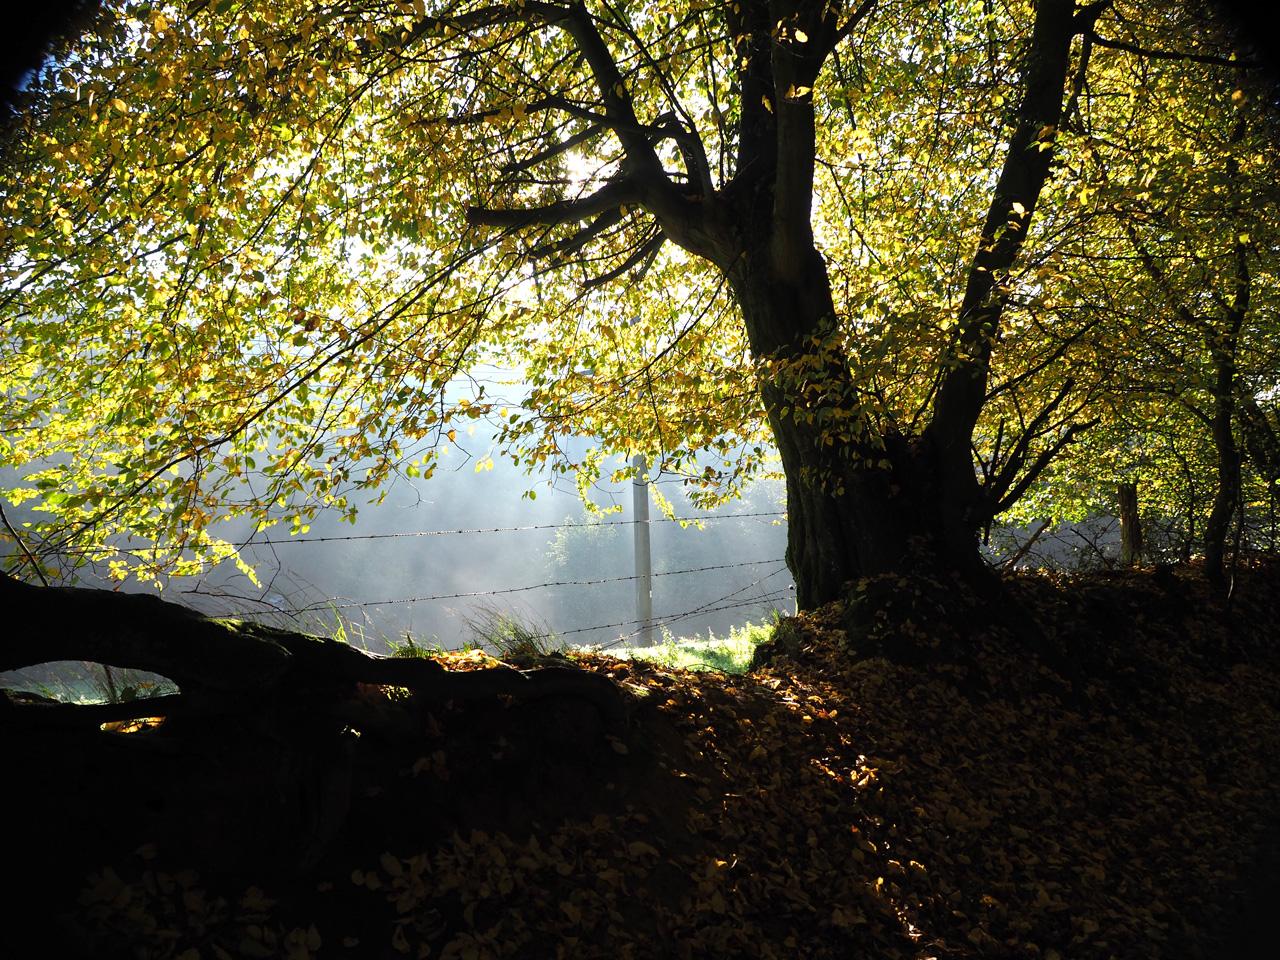 herfstsfeerje op de vroege morgen